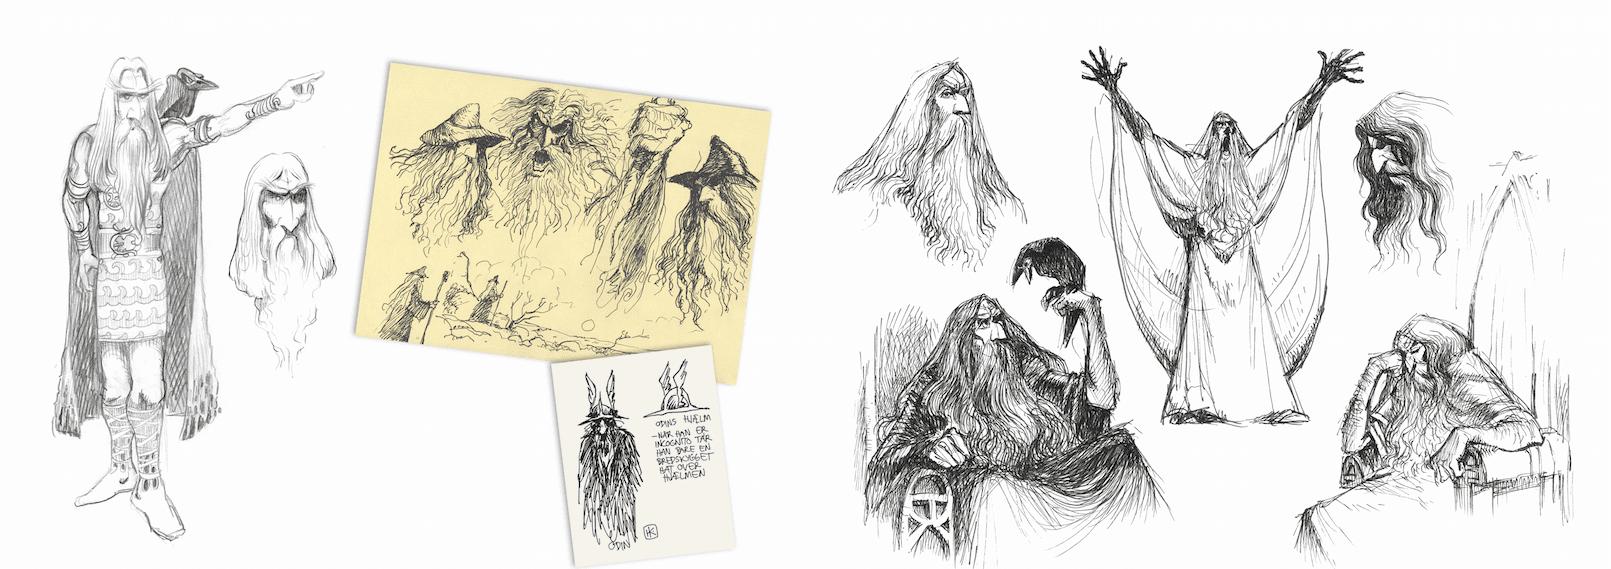 Valhalla, Peter Madsen, Henning Kure, Valhalla tegneserien